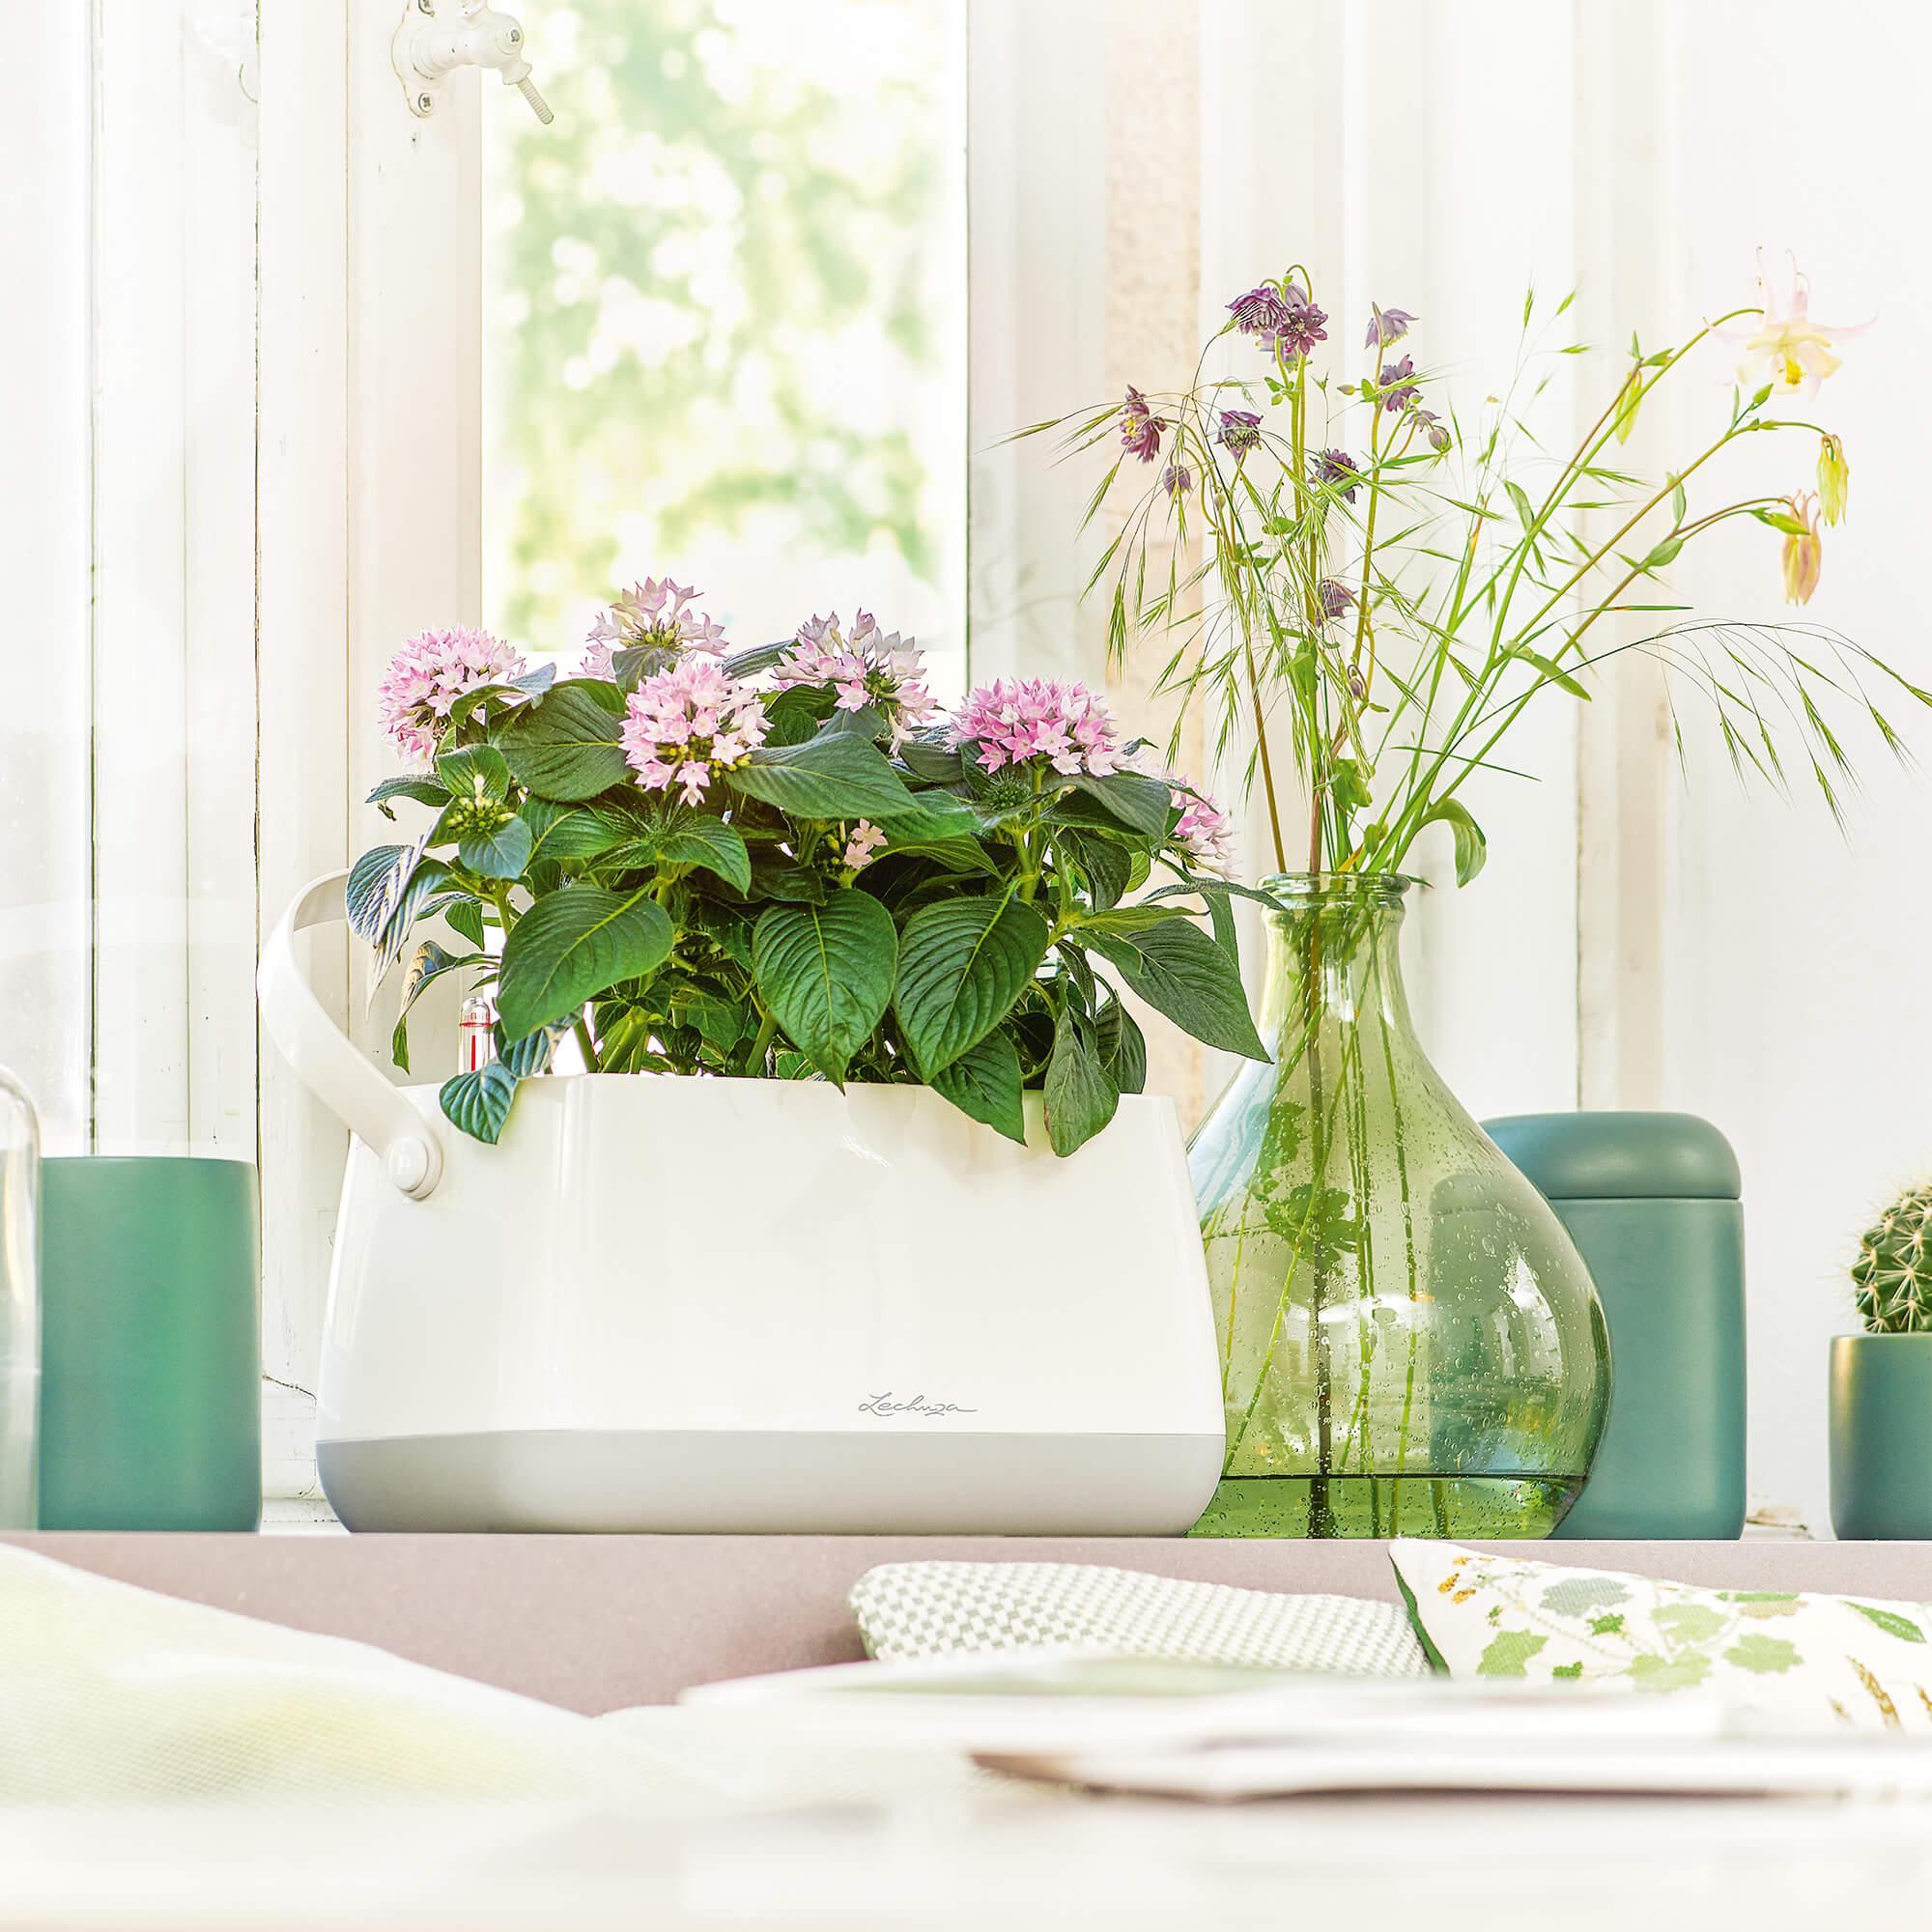 Maceta para plantar YULA blanco/gris satinado - Imagen 5